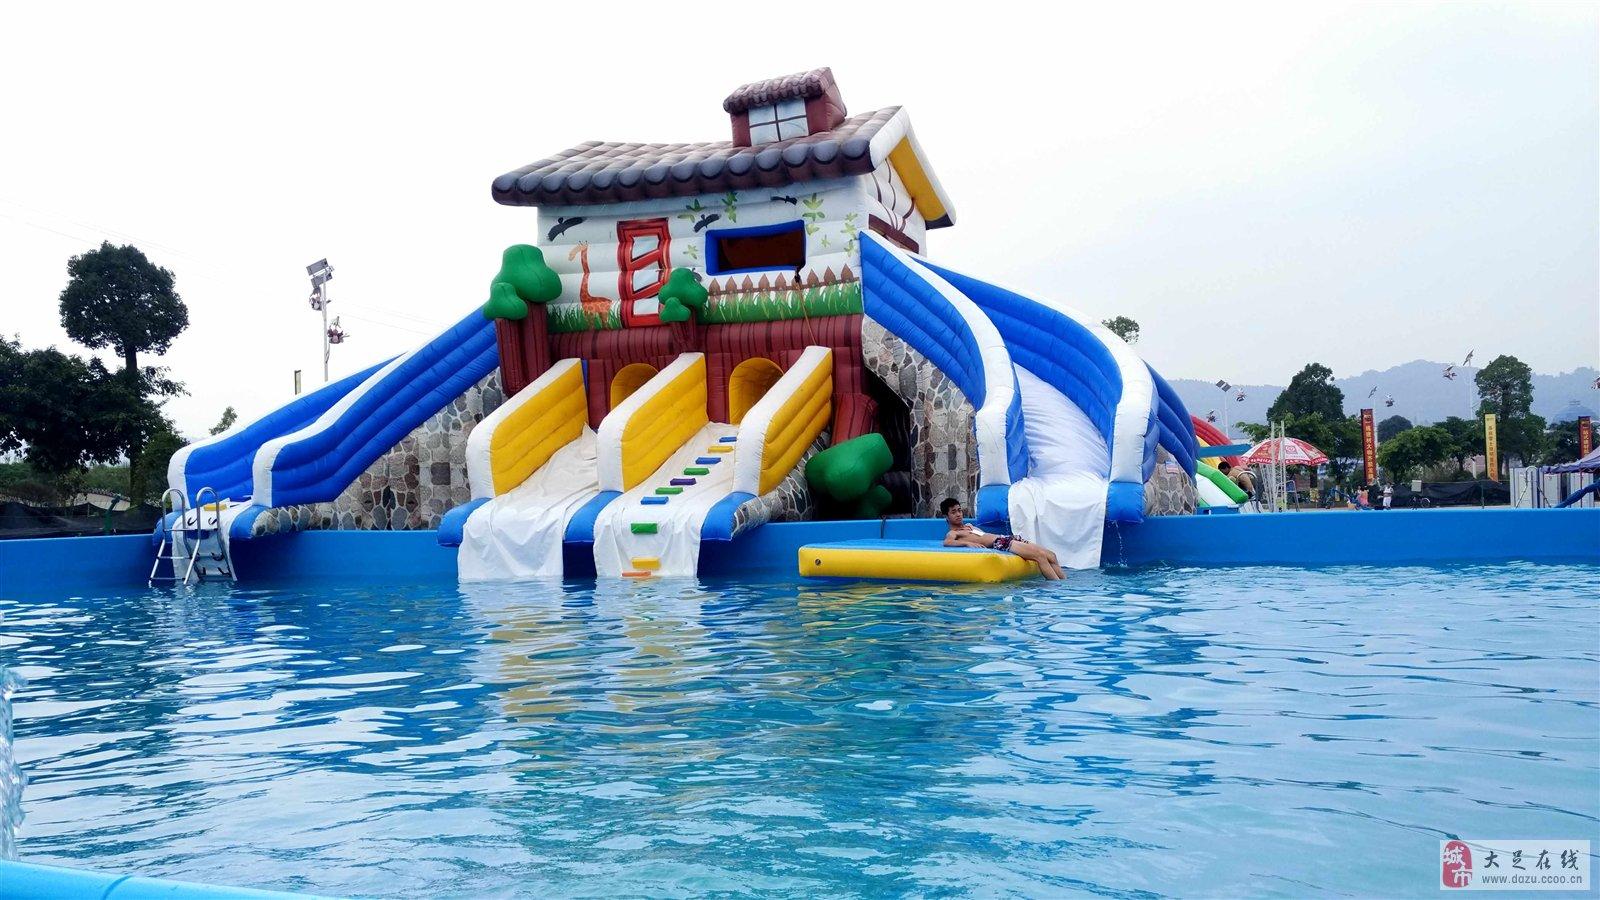 龙腾动漫水世界 大型主题水上乐园